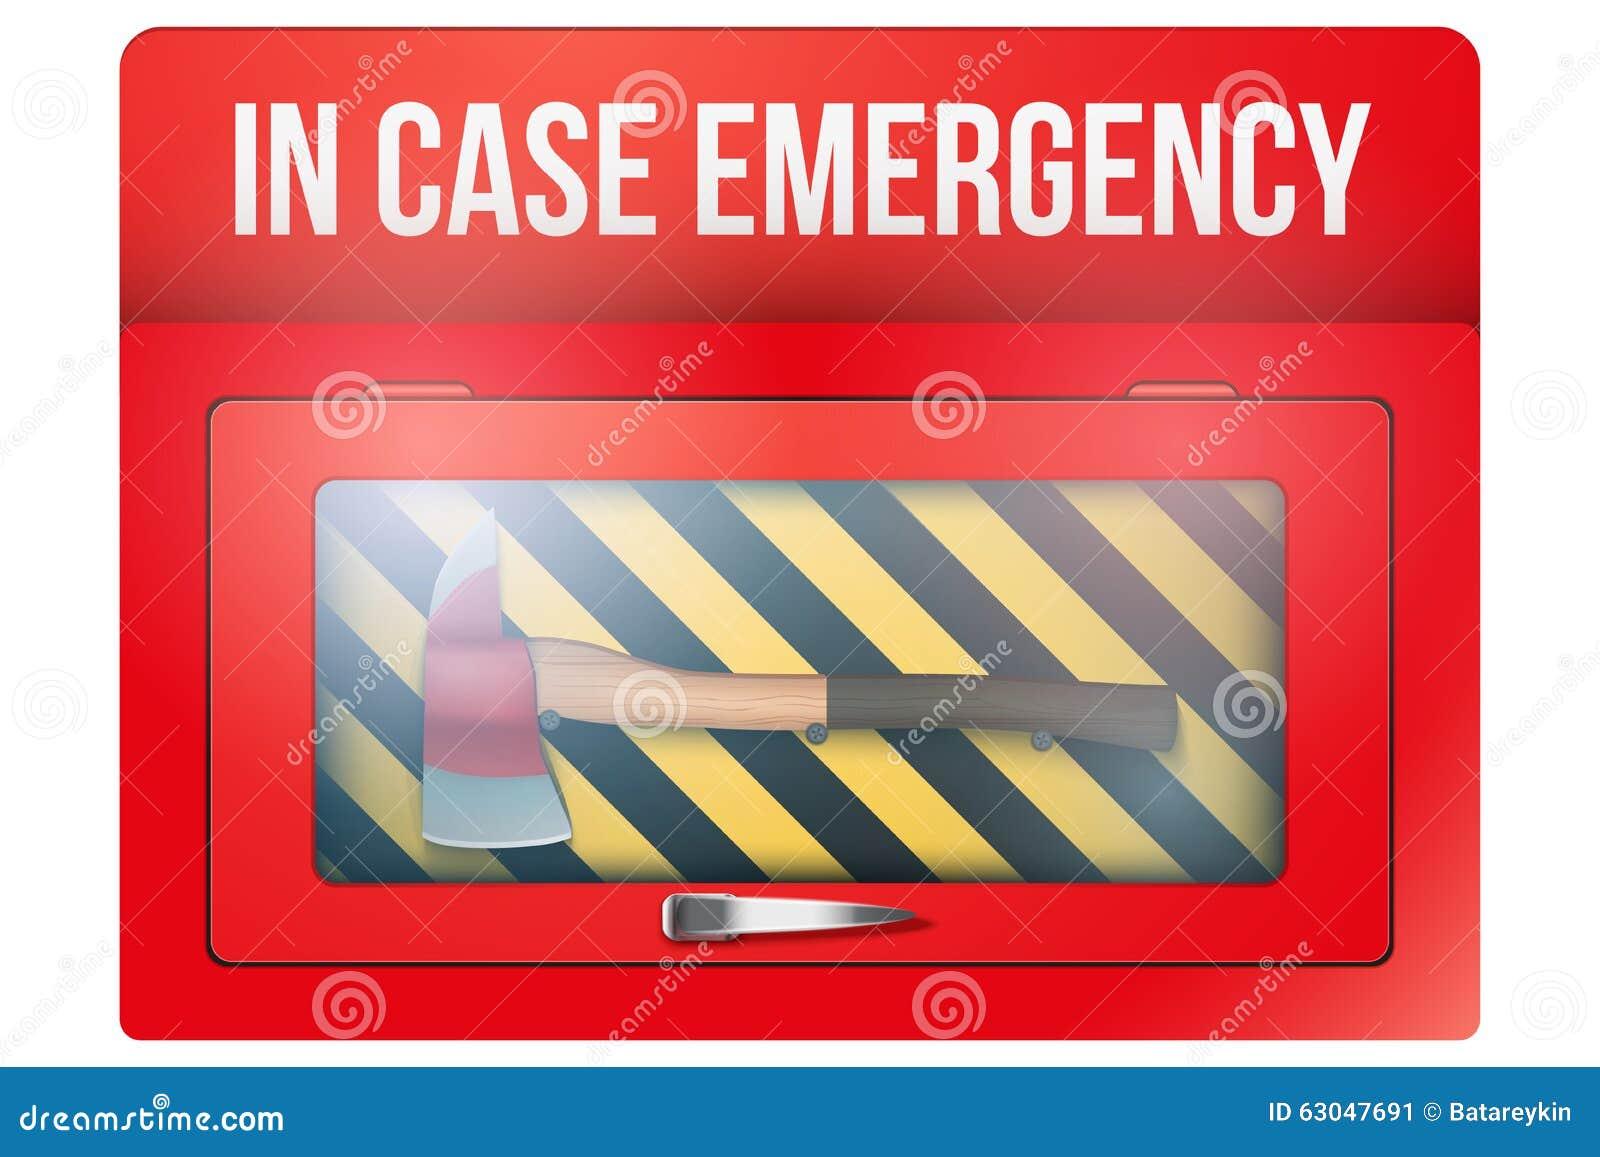 Rewolucjonistki pudełko z cioską w przypadku nagłego wypadku